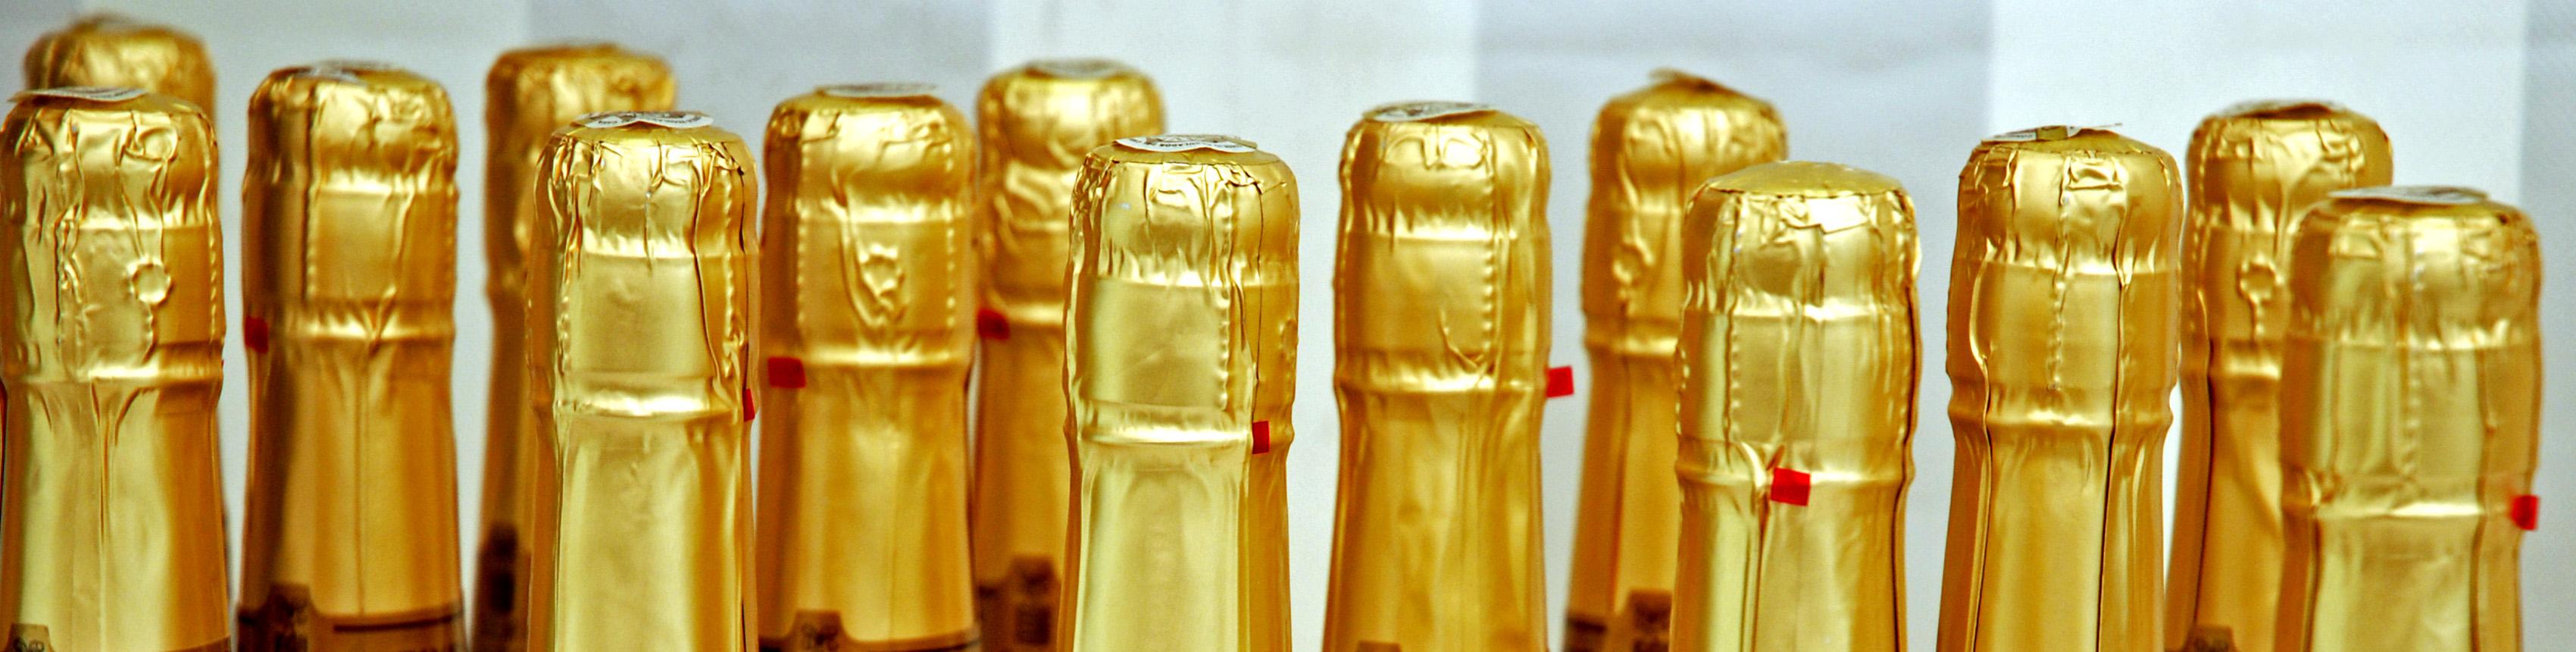 Champagner-Flaschen